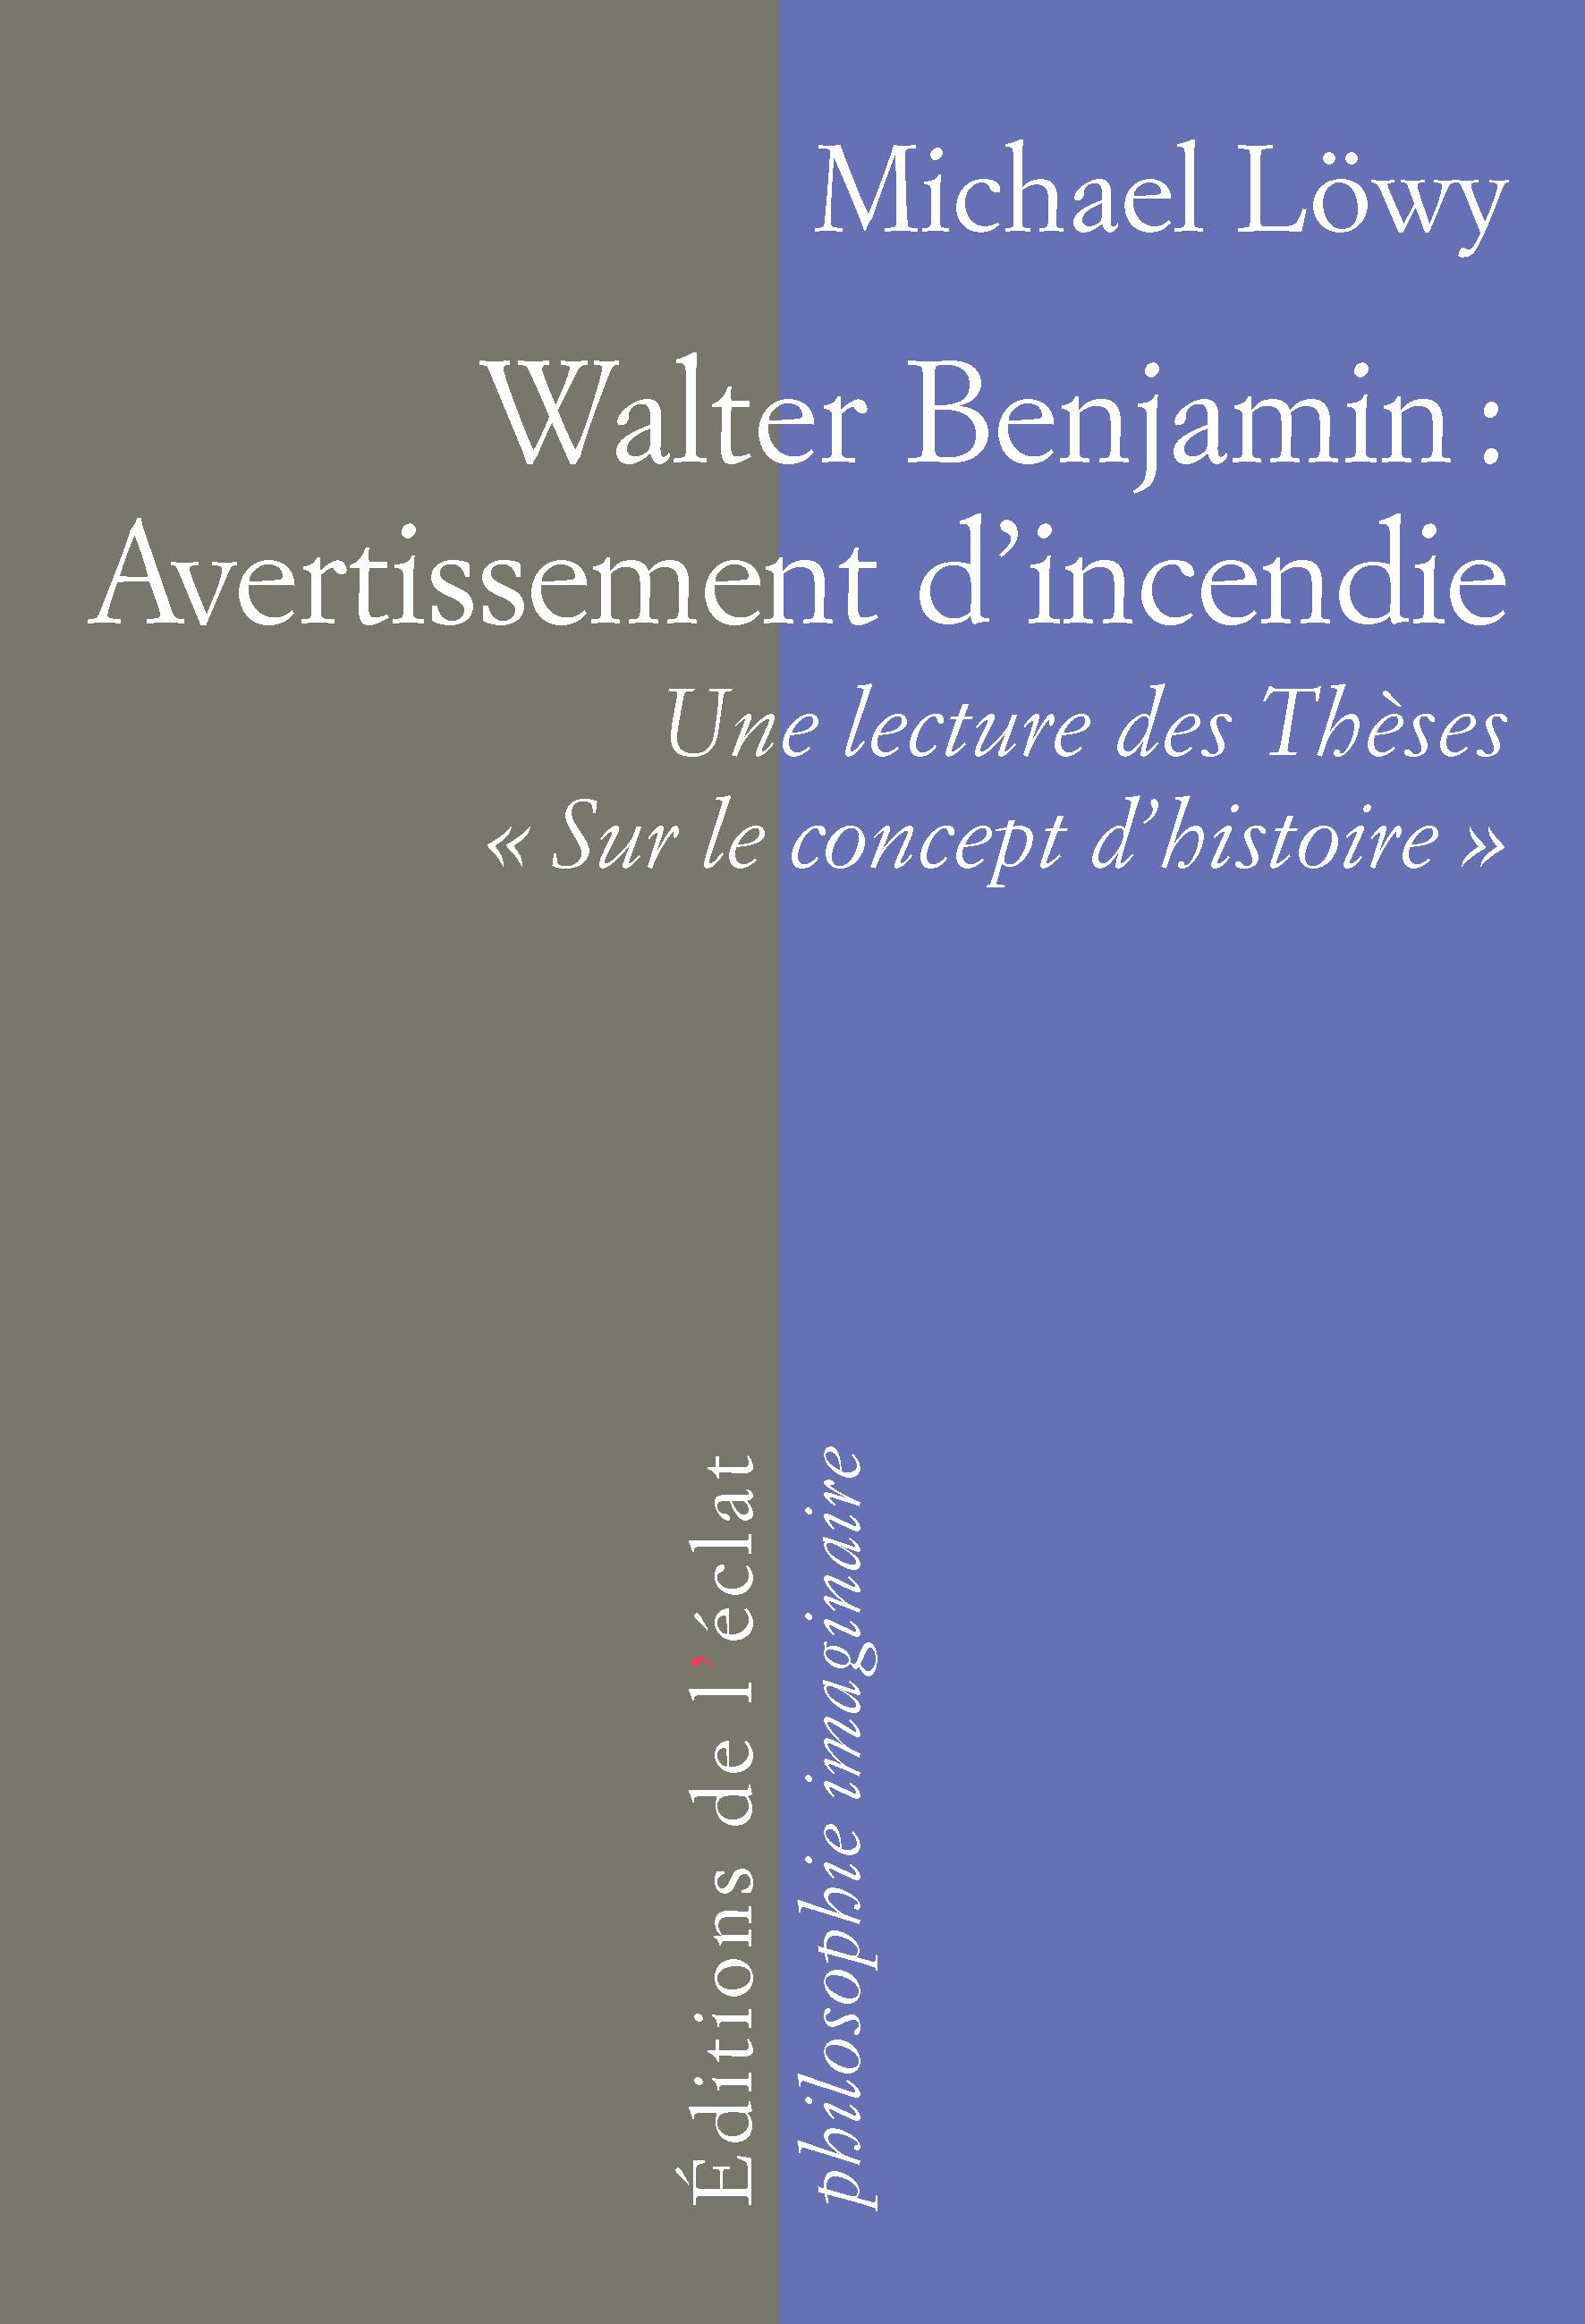 WALTER BENJAMIN : AVERTISSEMENT D'INCENDIE